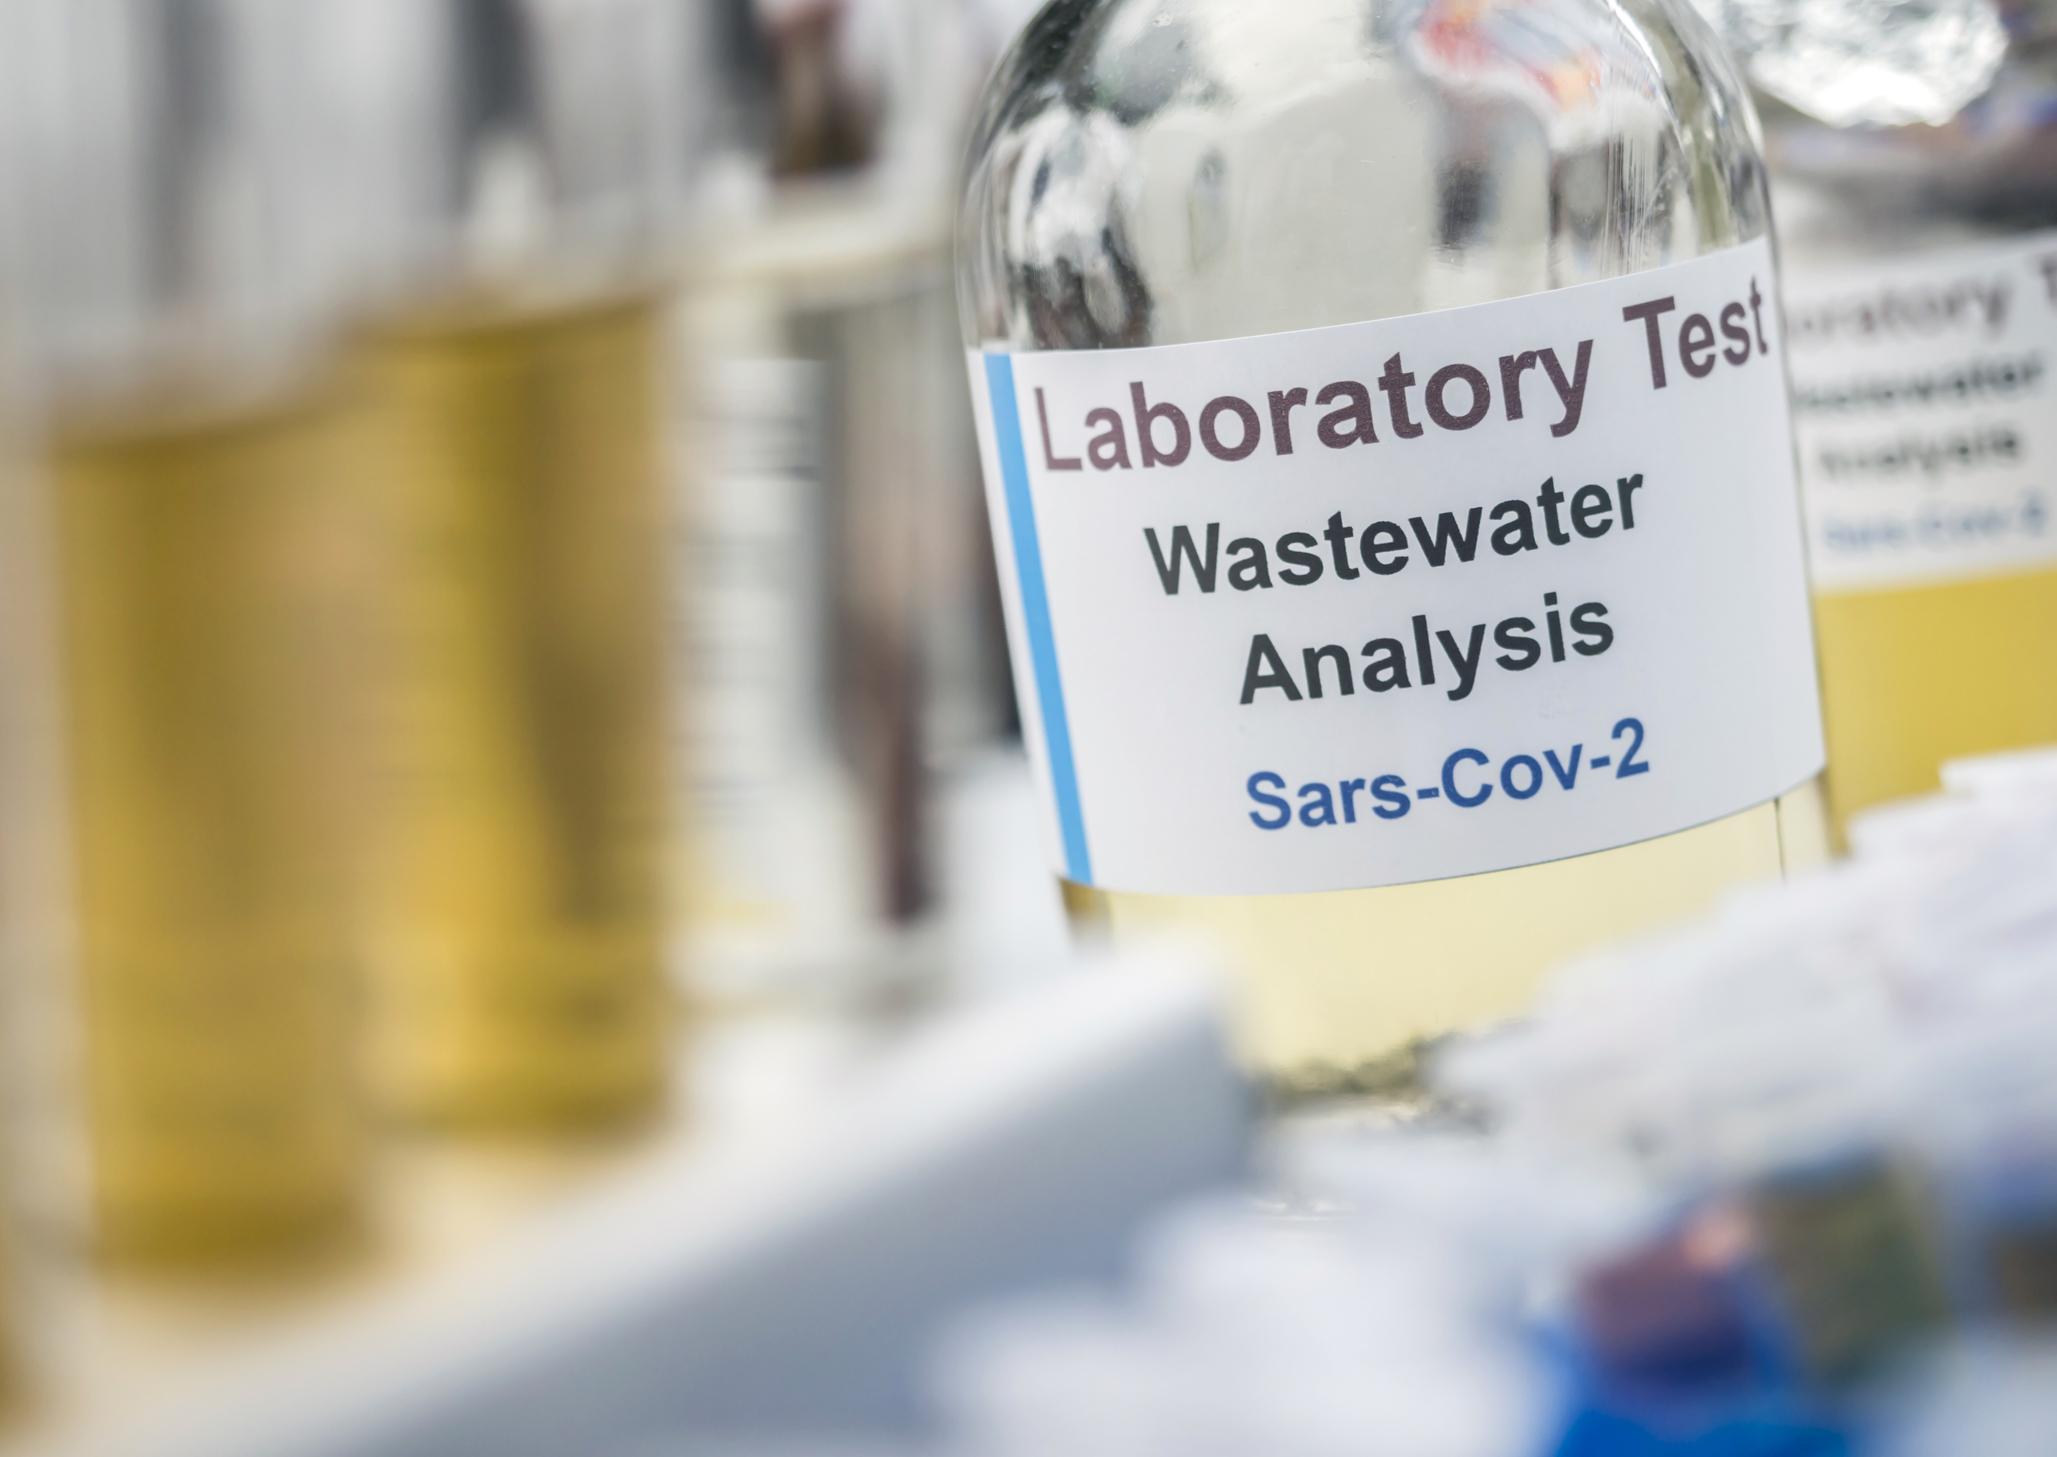 Wastewater analysis of sars-cov-2 virus. Image credit: iStock